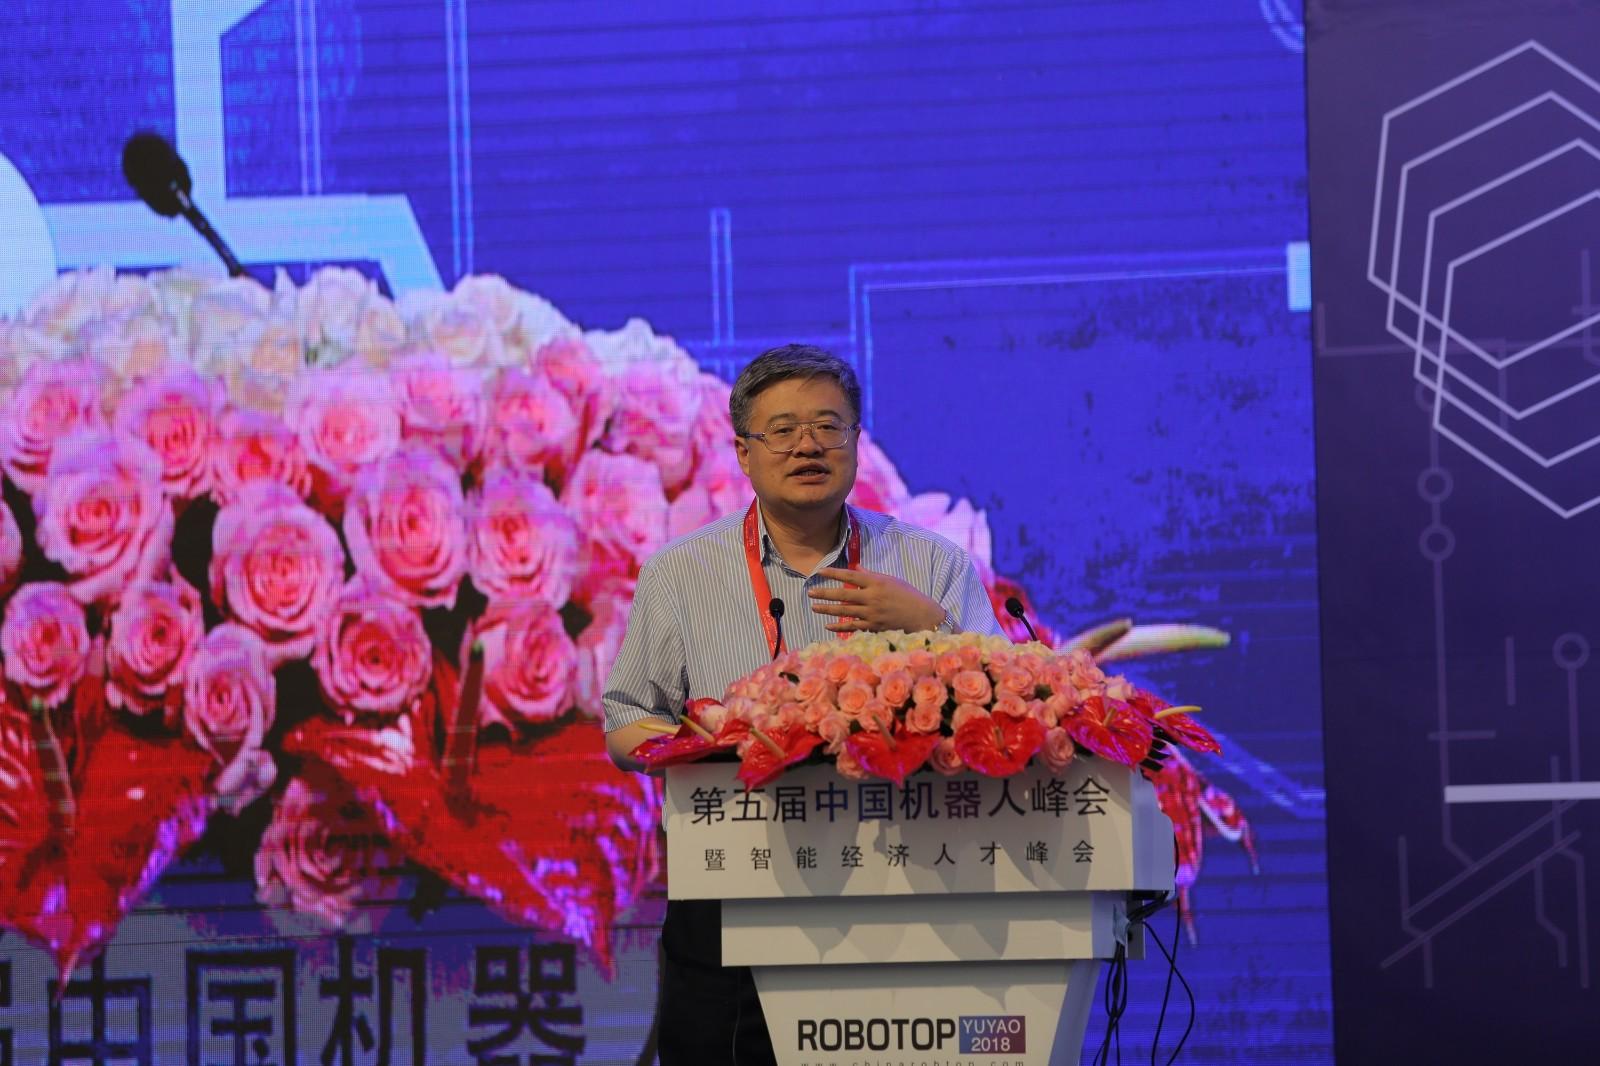 第五届中国机器人峰会暨智能经济人才峰会召开